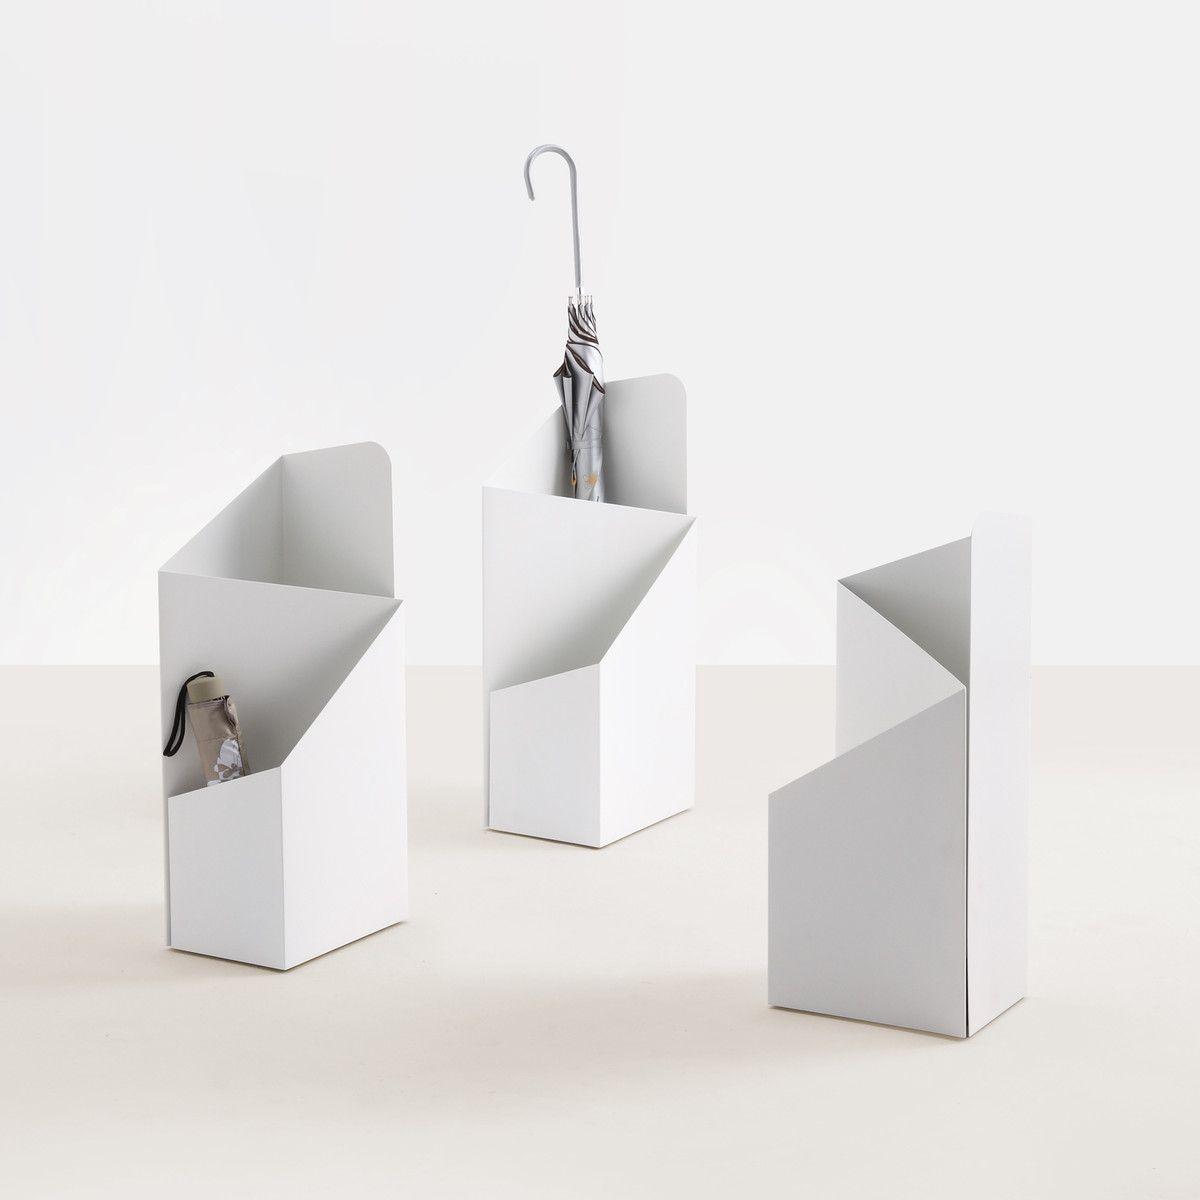 Sch n schirmstaender diy pinterest schirm for Produktdesign jobs